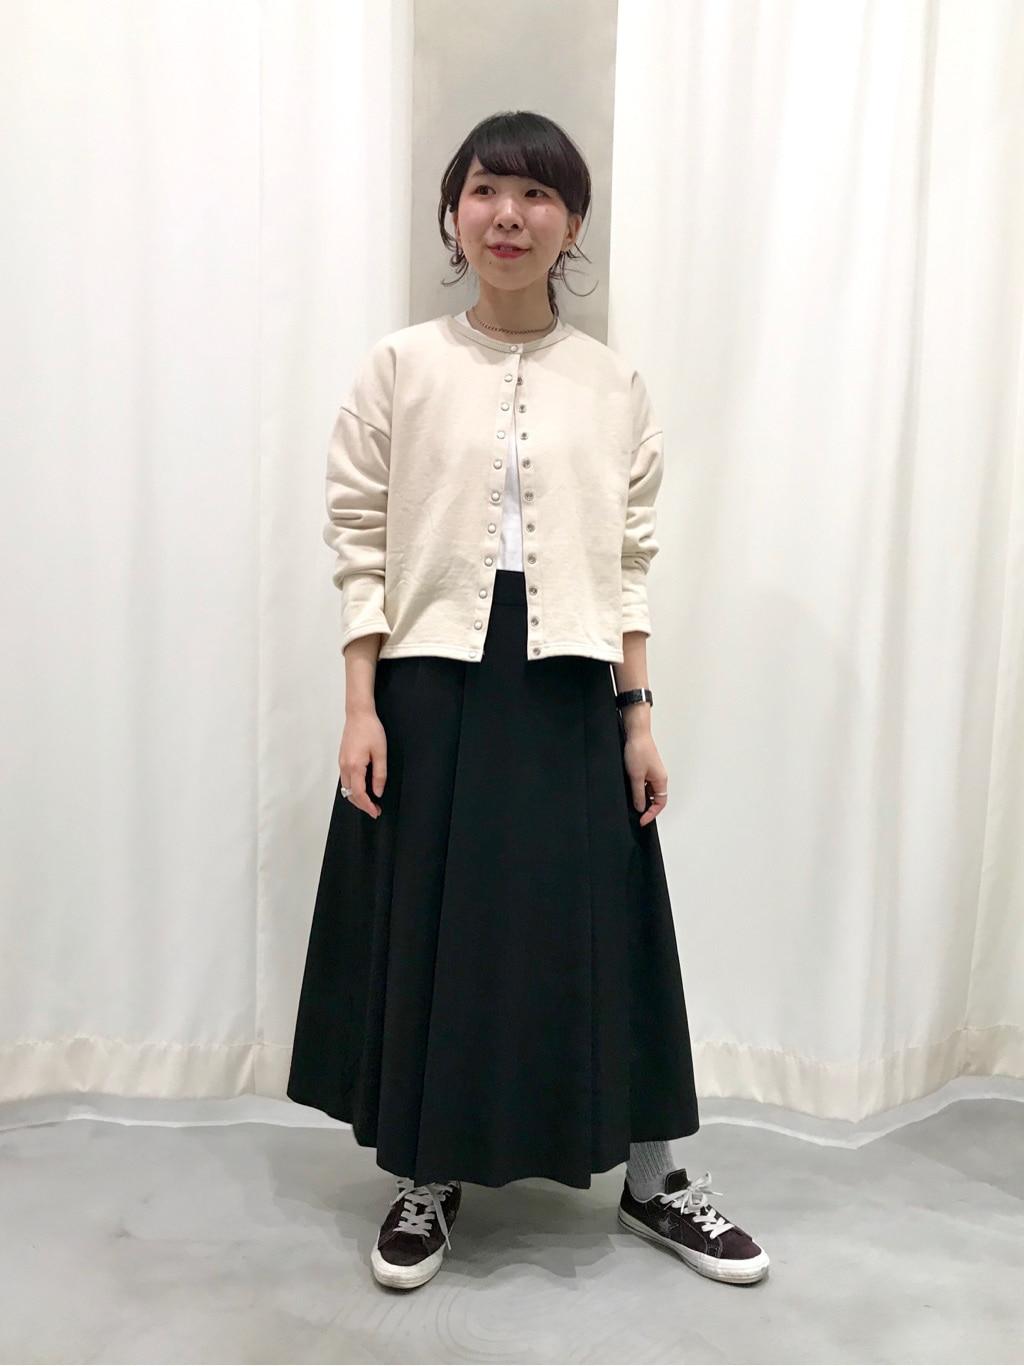 AMB SHOP PAR ICI CHILD WOMAN,PAR ICI ルミネ横浜 身長:154cm 2020.05.15